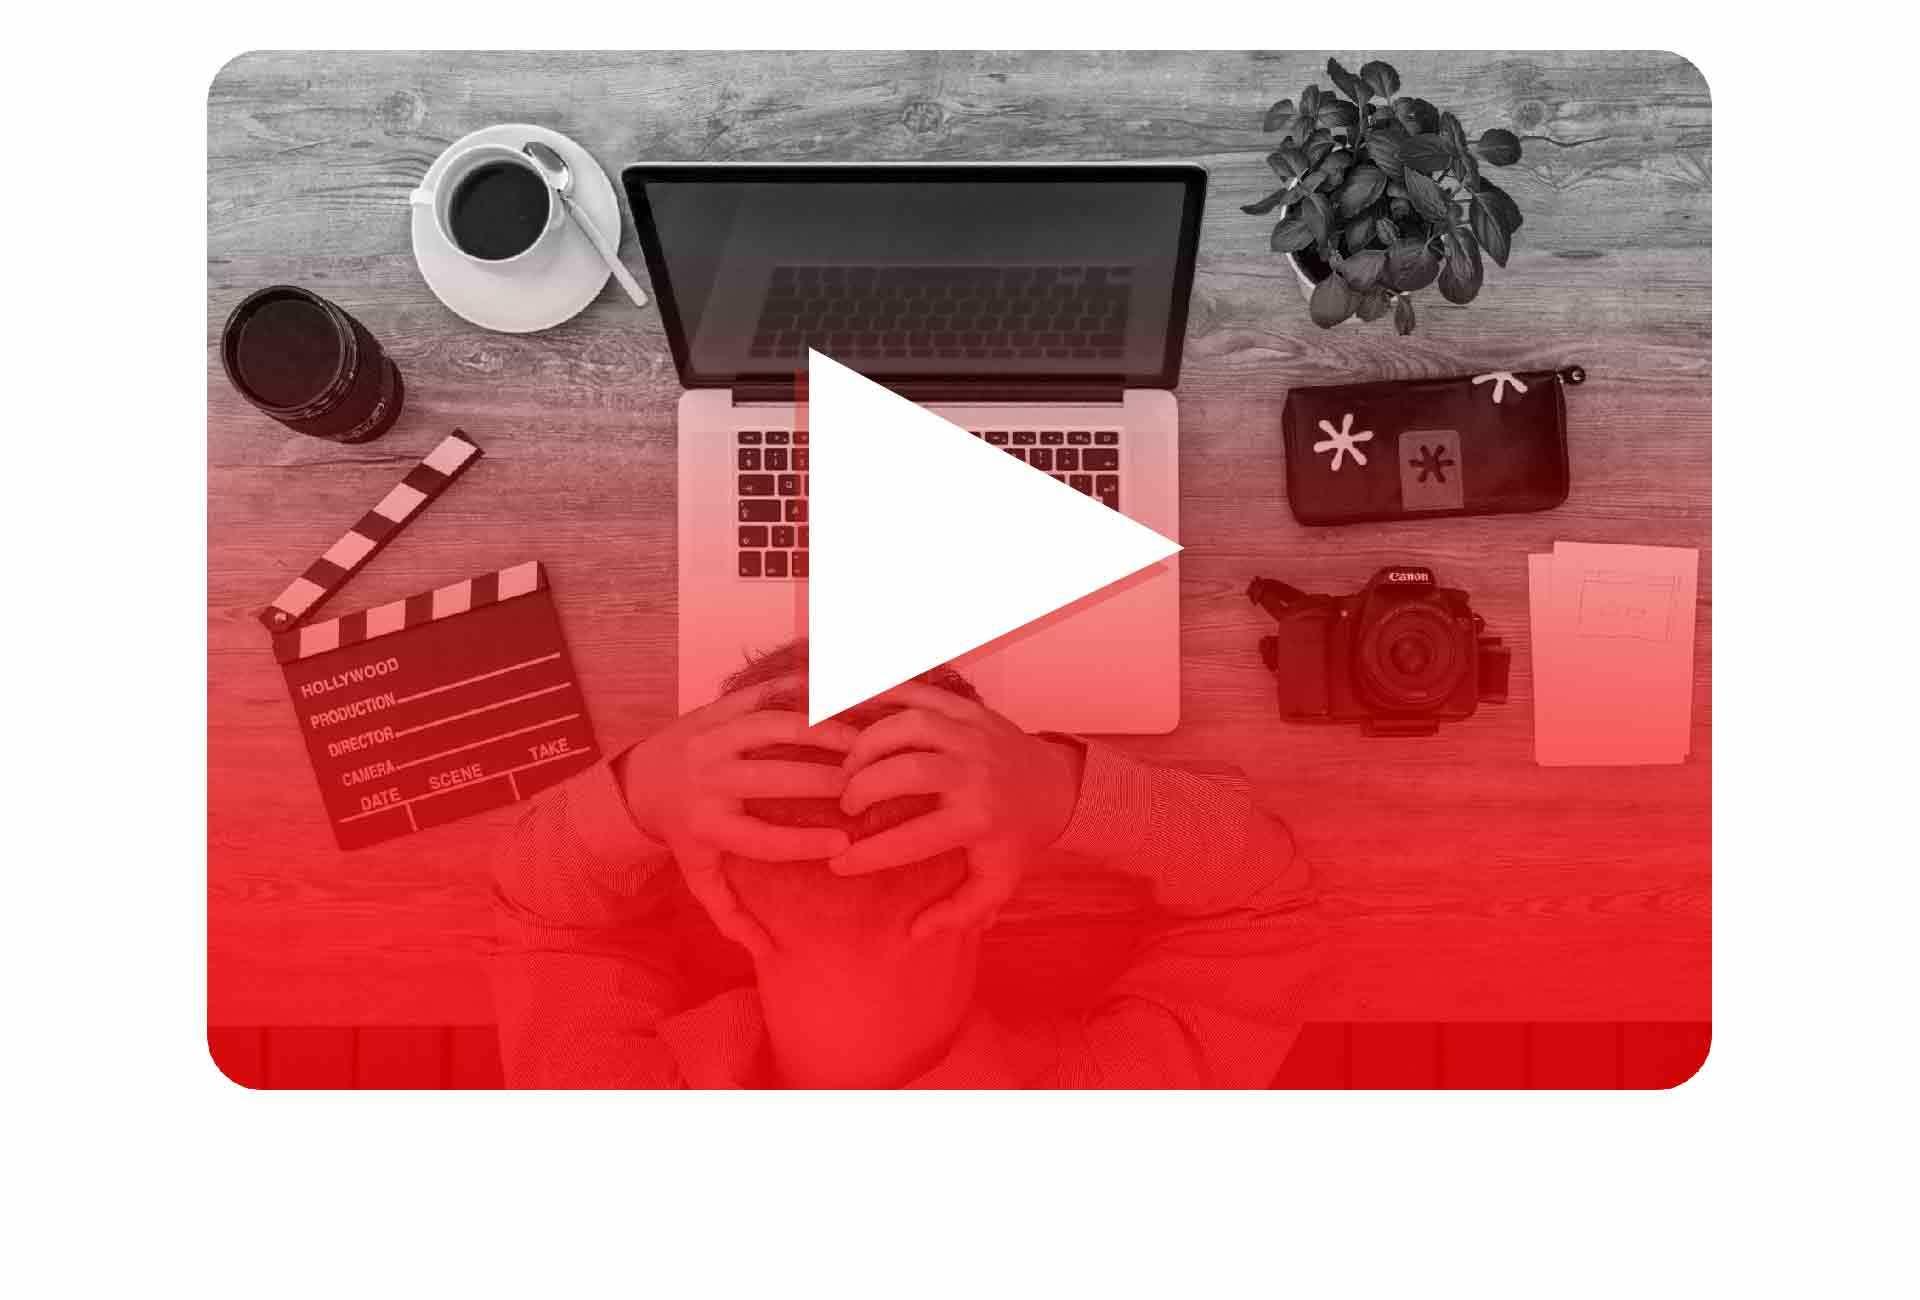 Ist es unnötig YouTube zu machen bei 50 Klicks?